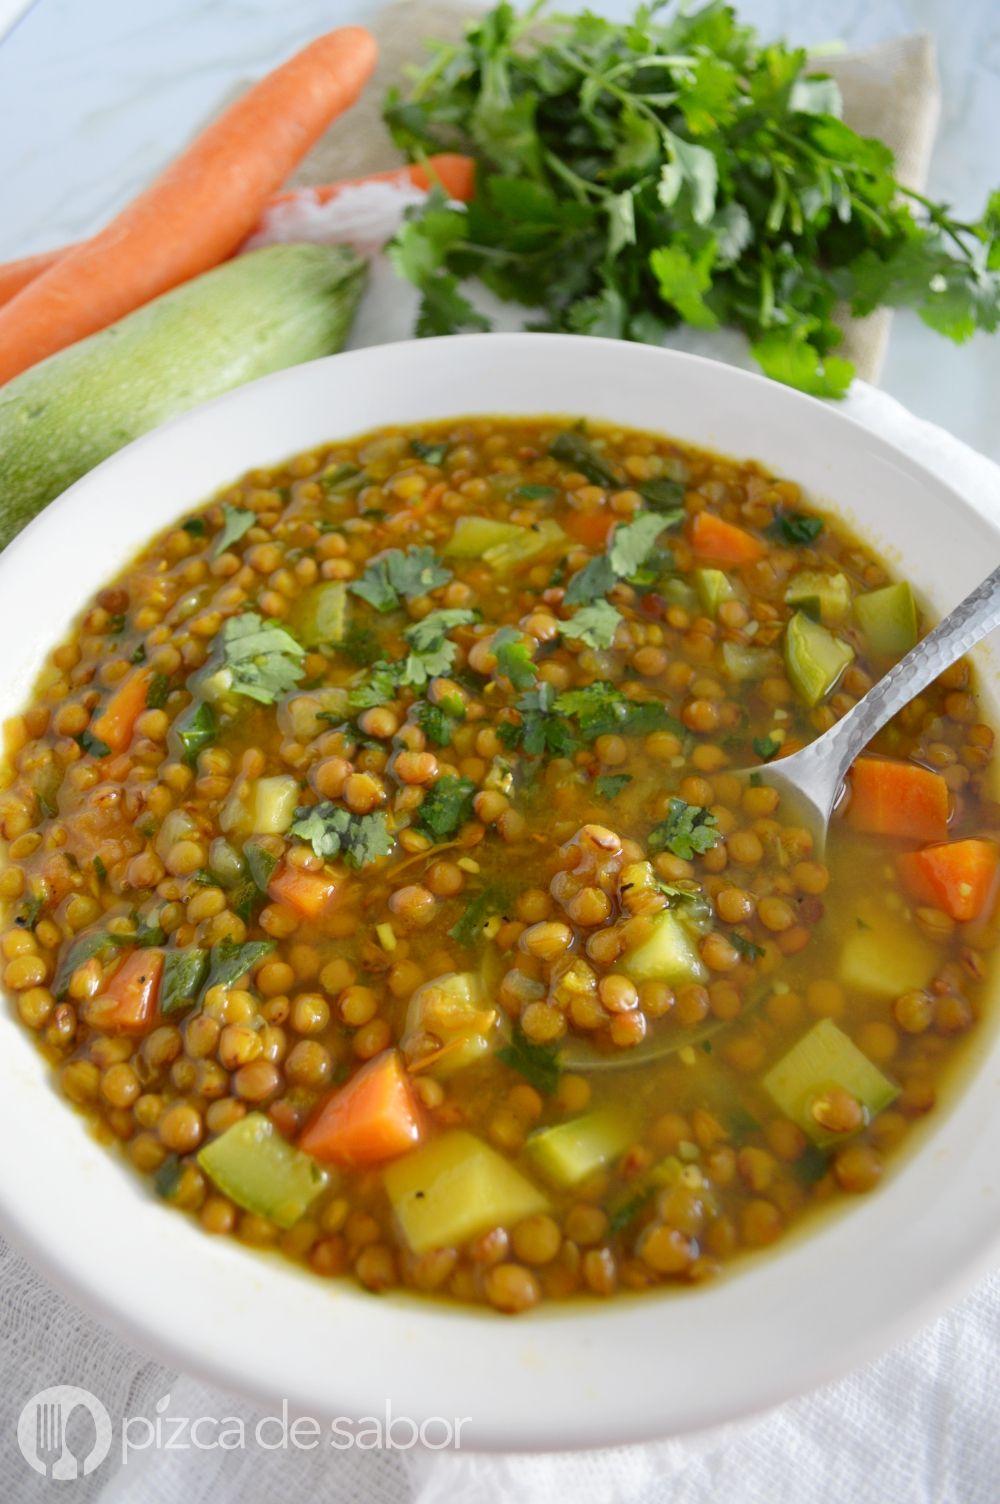 Como Cocinar Lentejas Con Verduras   Sopa De Lentejas Con Verduras Curcuma Receta Salud Food